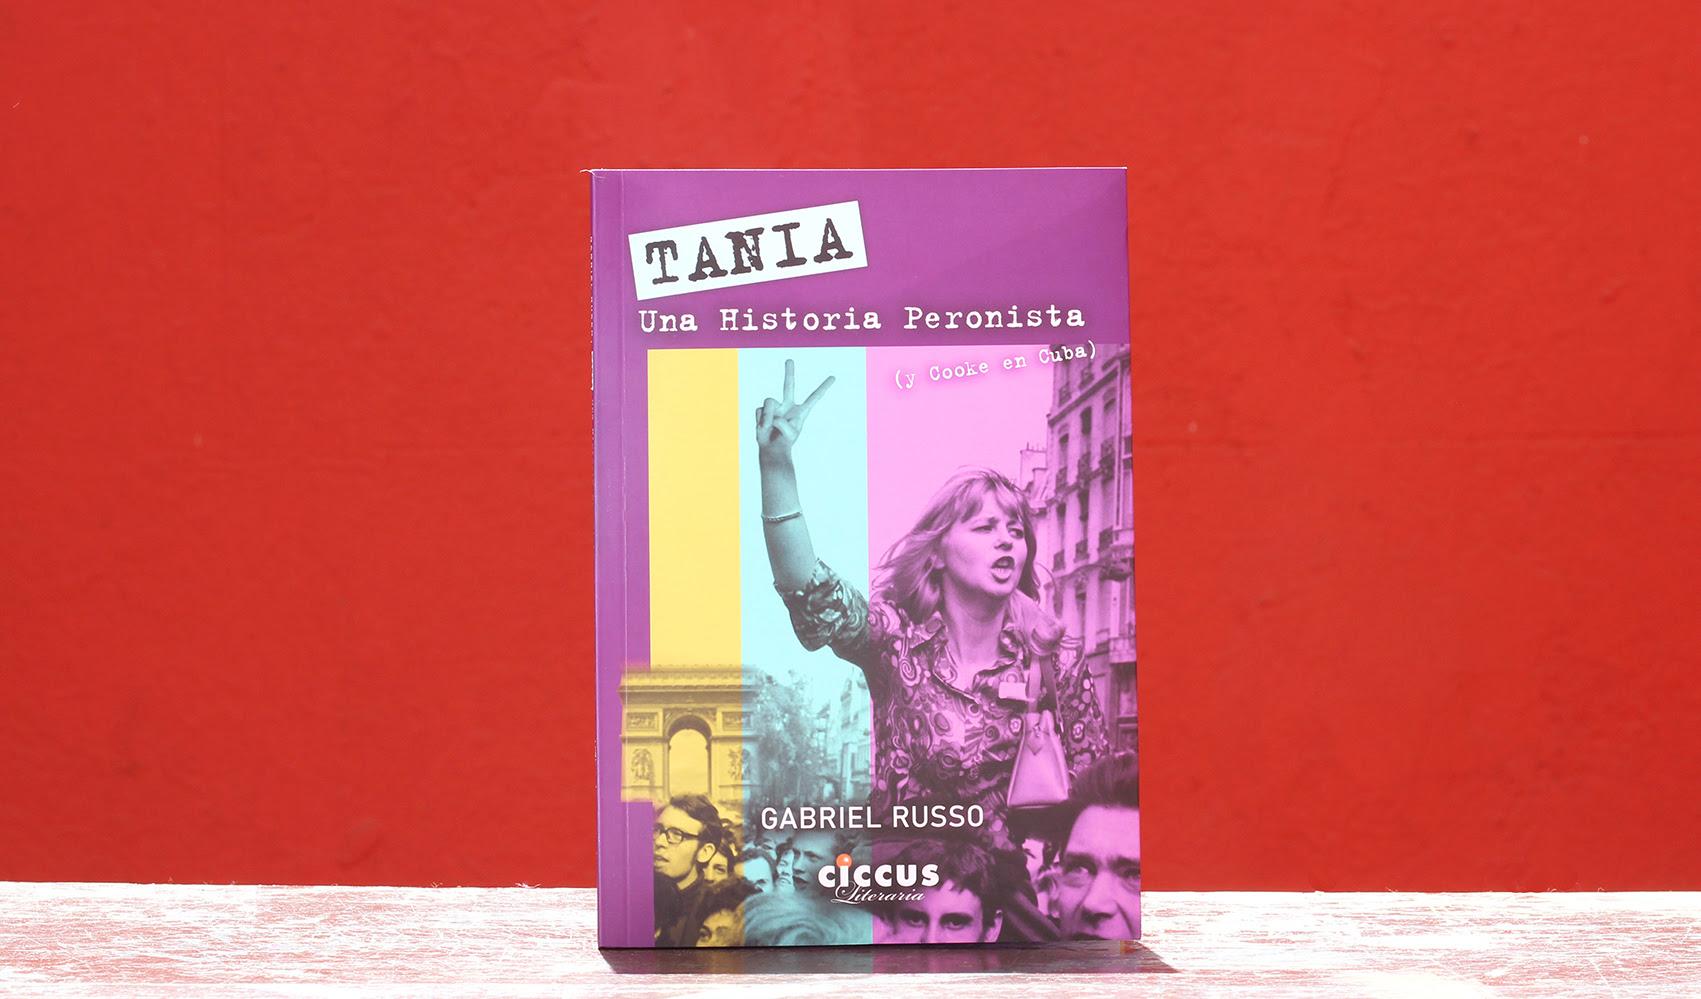 Tania, una historia peronista (y Cooke en Cuba)